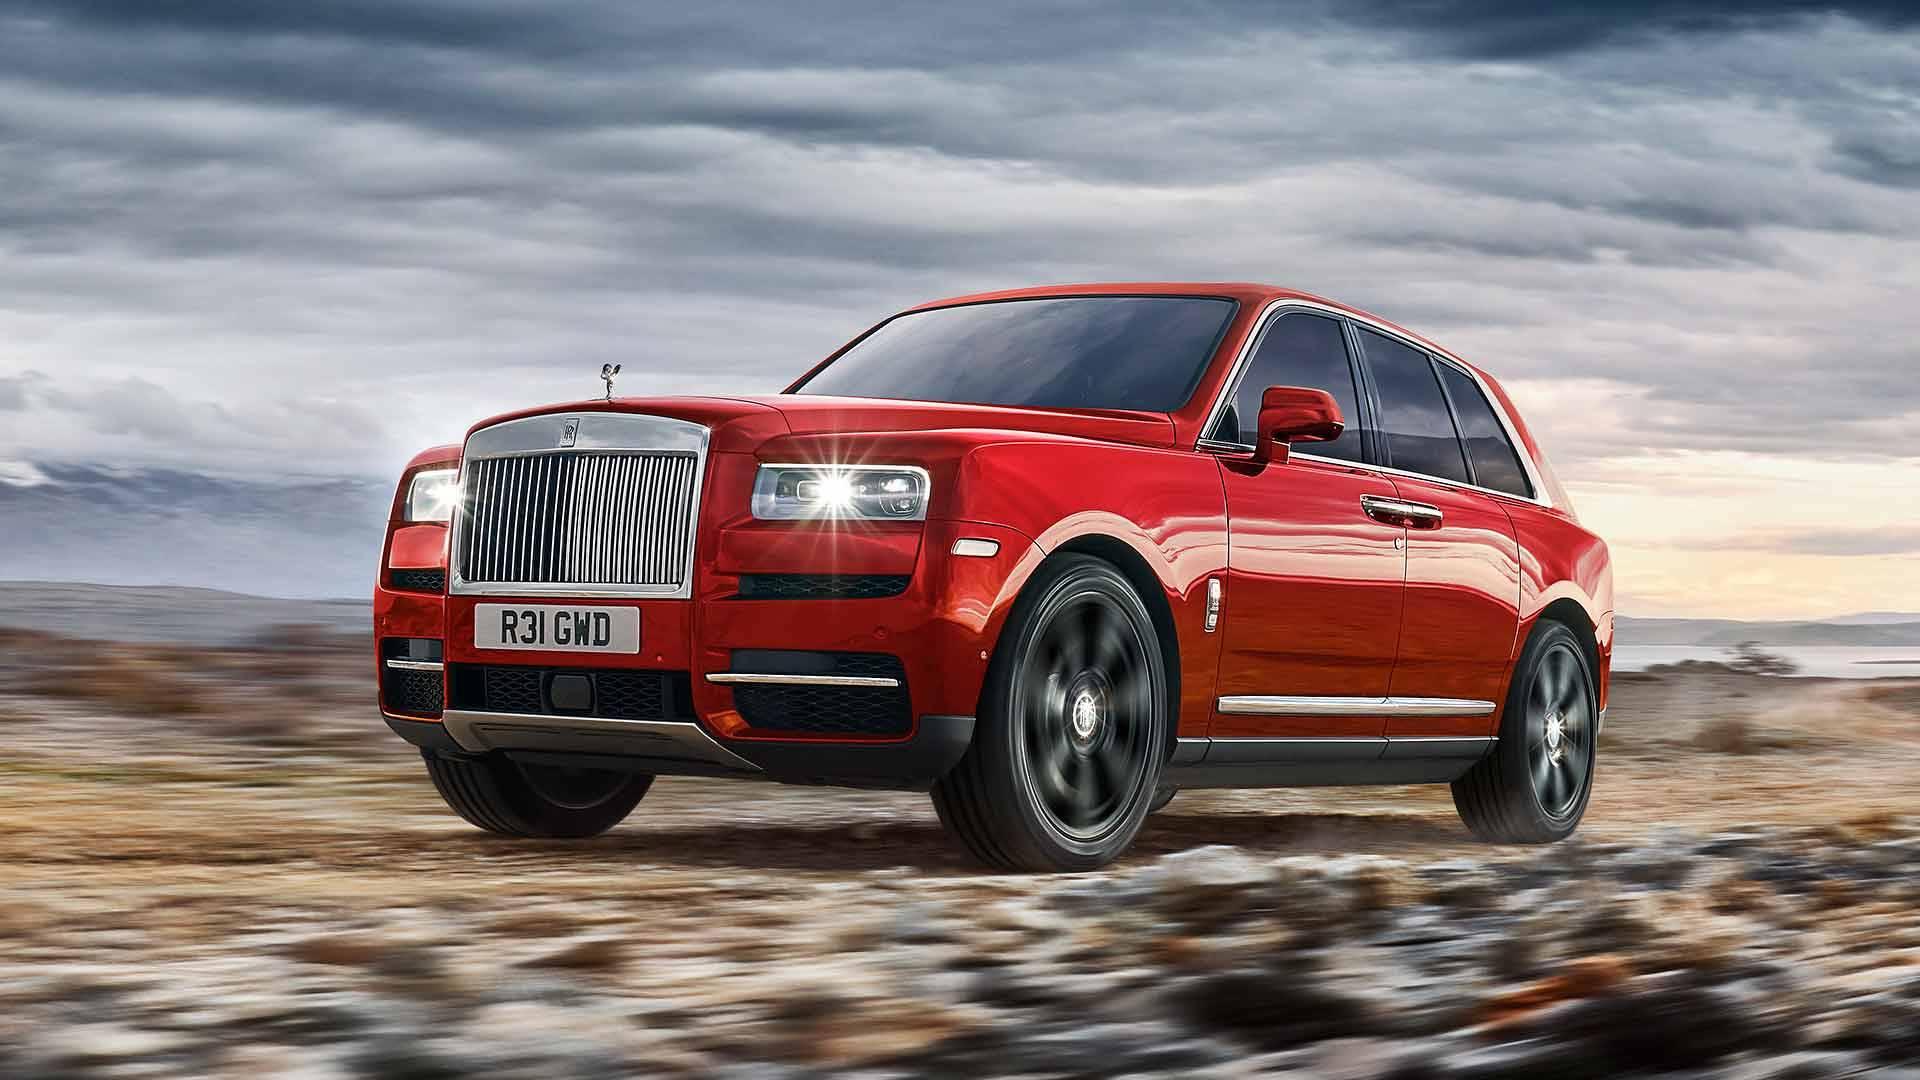 رولز رویس کالینان Rolls Royce Cullinan